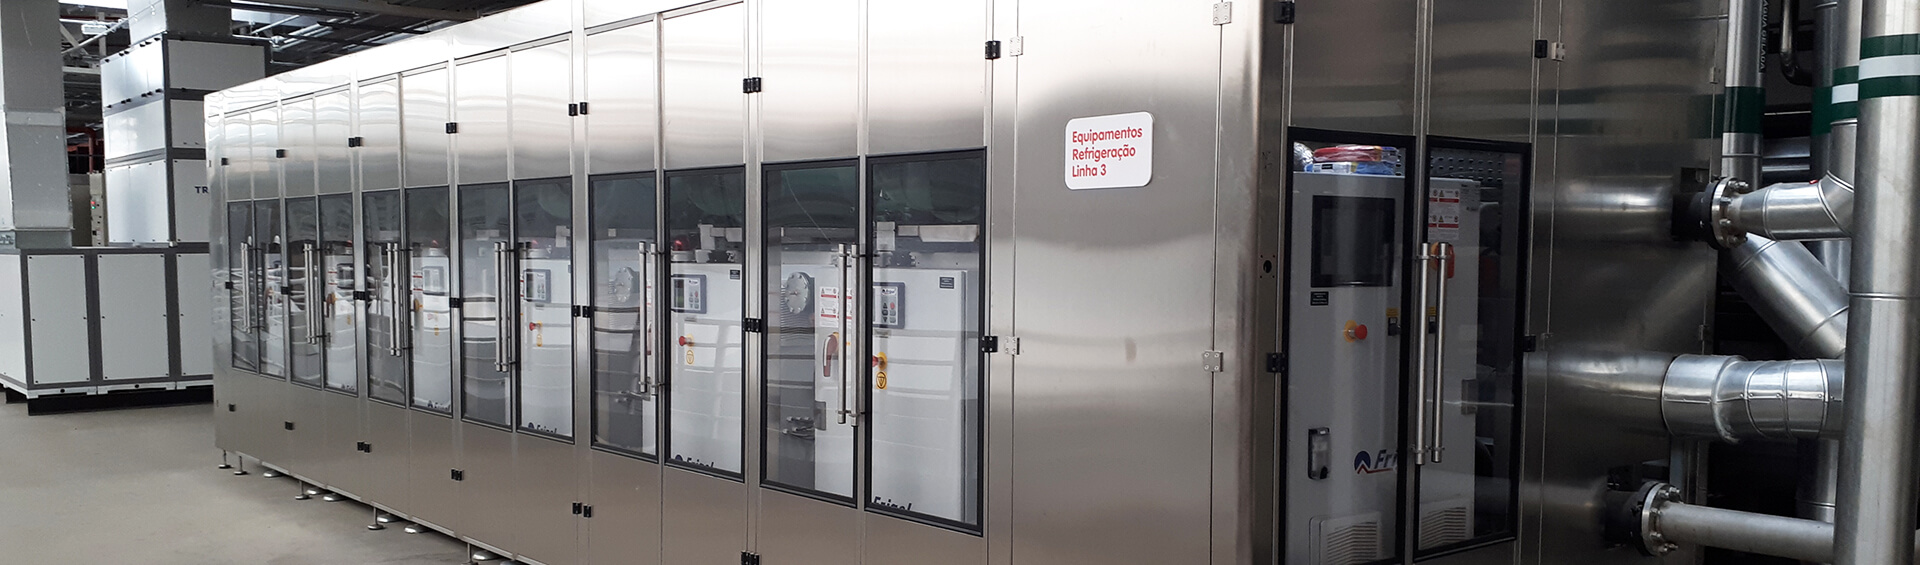 menu-integrated-cascade-refrigeration-system